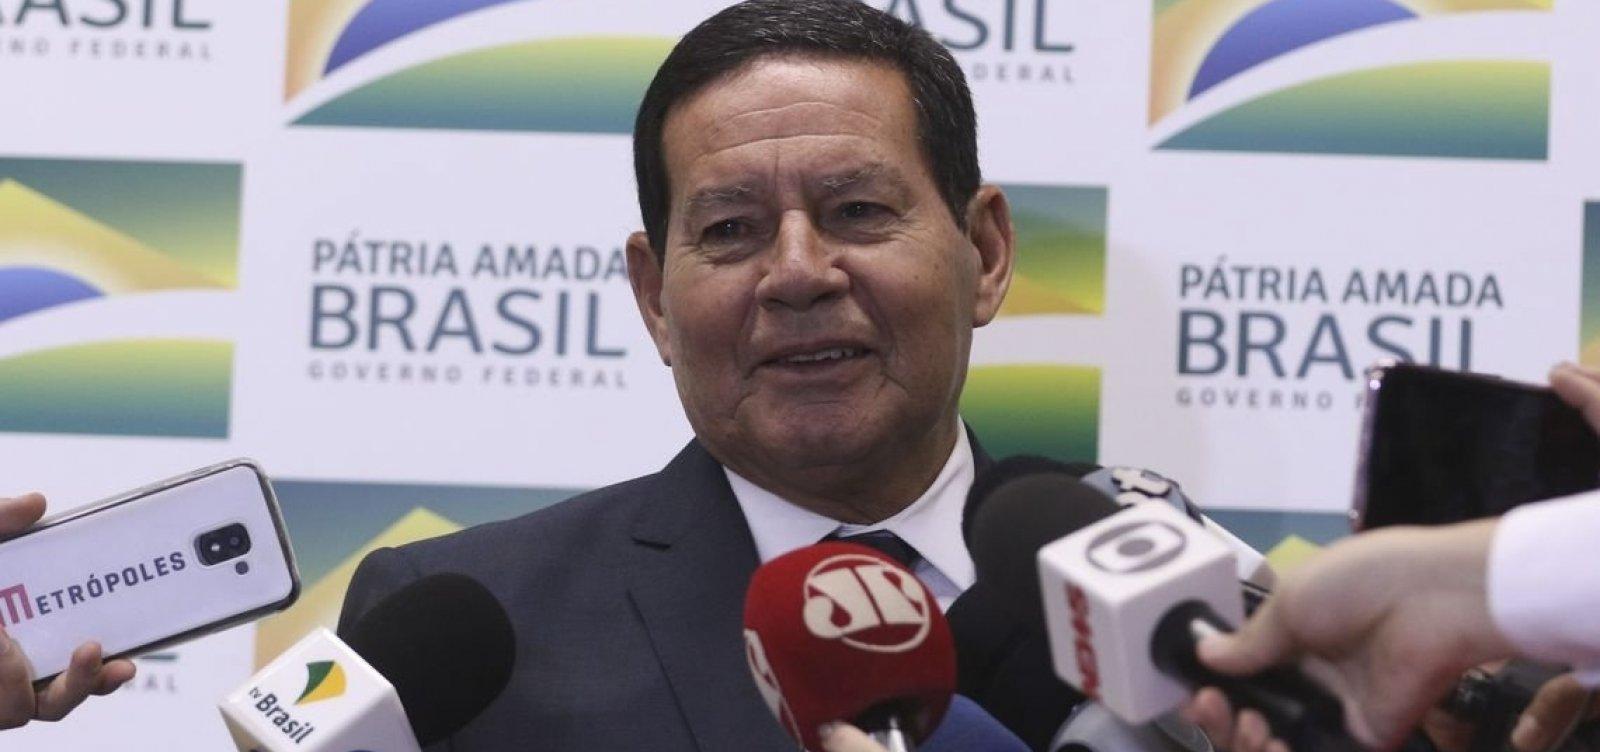 [Governo vai desbloquear R$ 20 bilhões do orçamento ainda neste mês, diz Mourão]